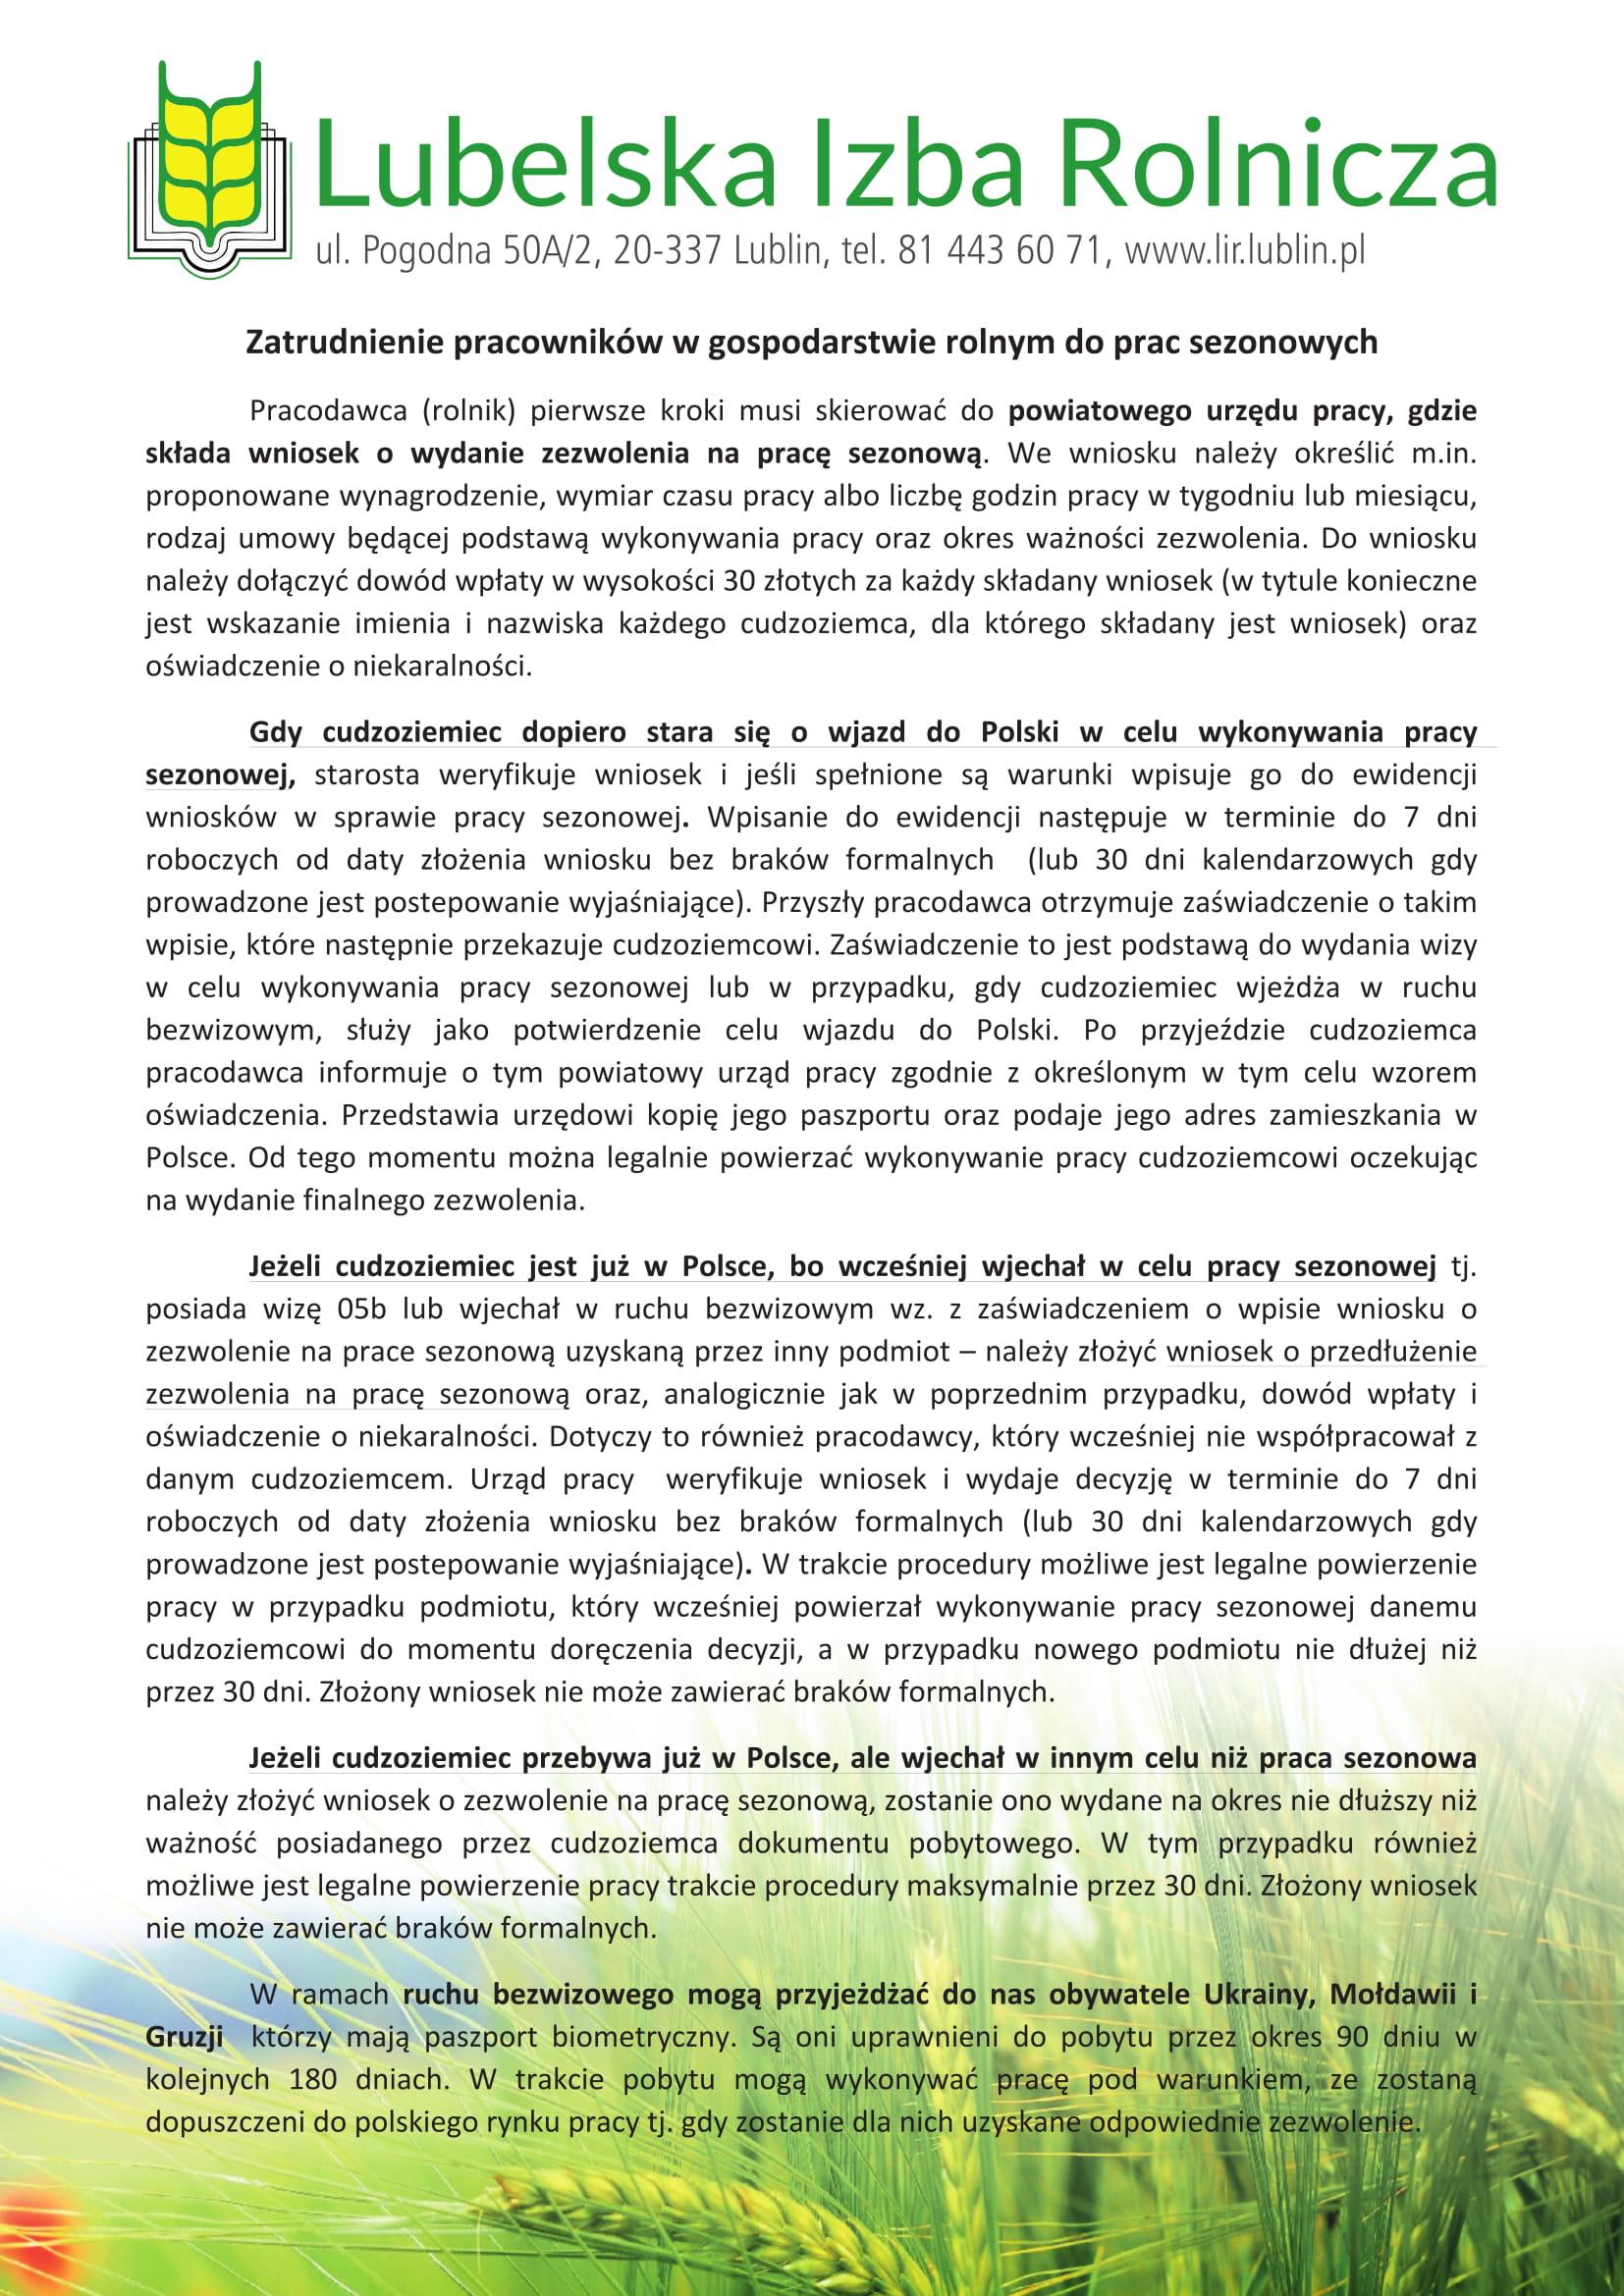 LIR ulotka A4 zatrudnienie w gospodarstwie rolnym 4 1